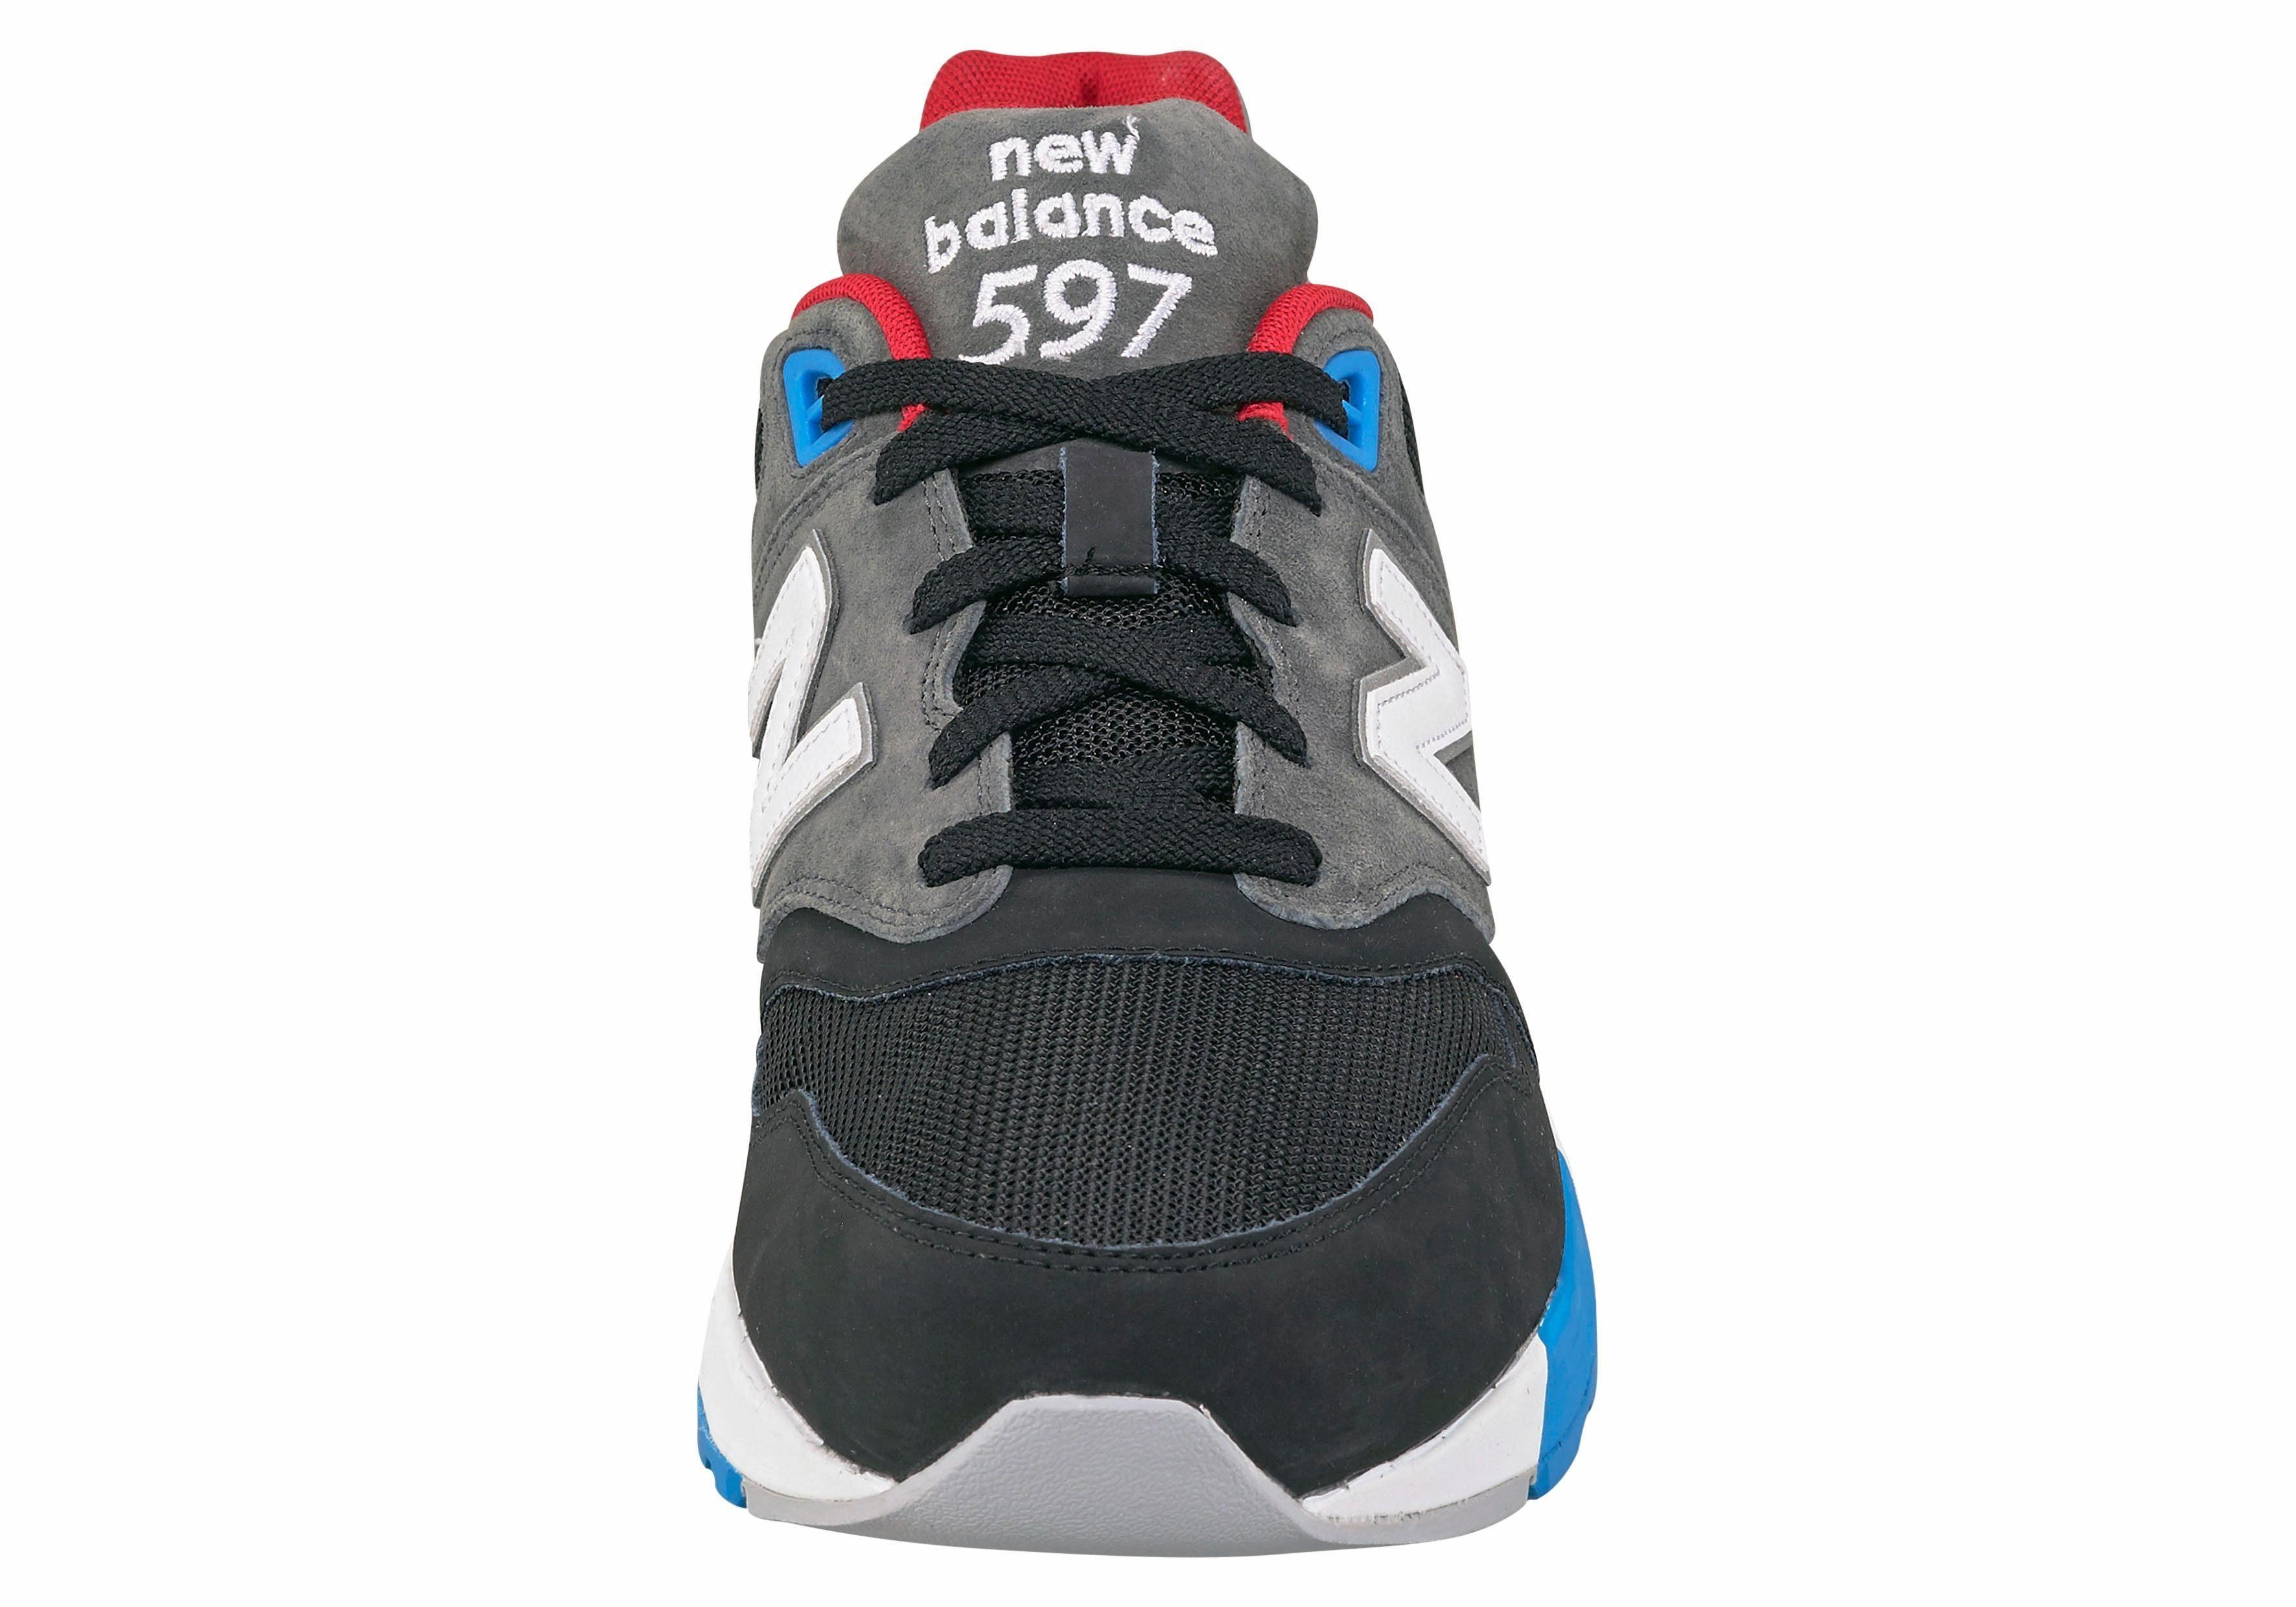 Nouvelles Chaussures De Sport D'équilibre Laag Turquoise « Ml597 » 3tGkKHp